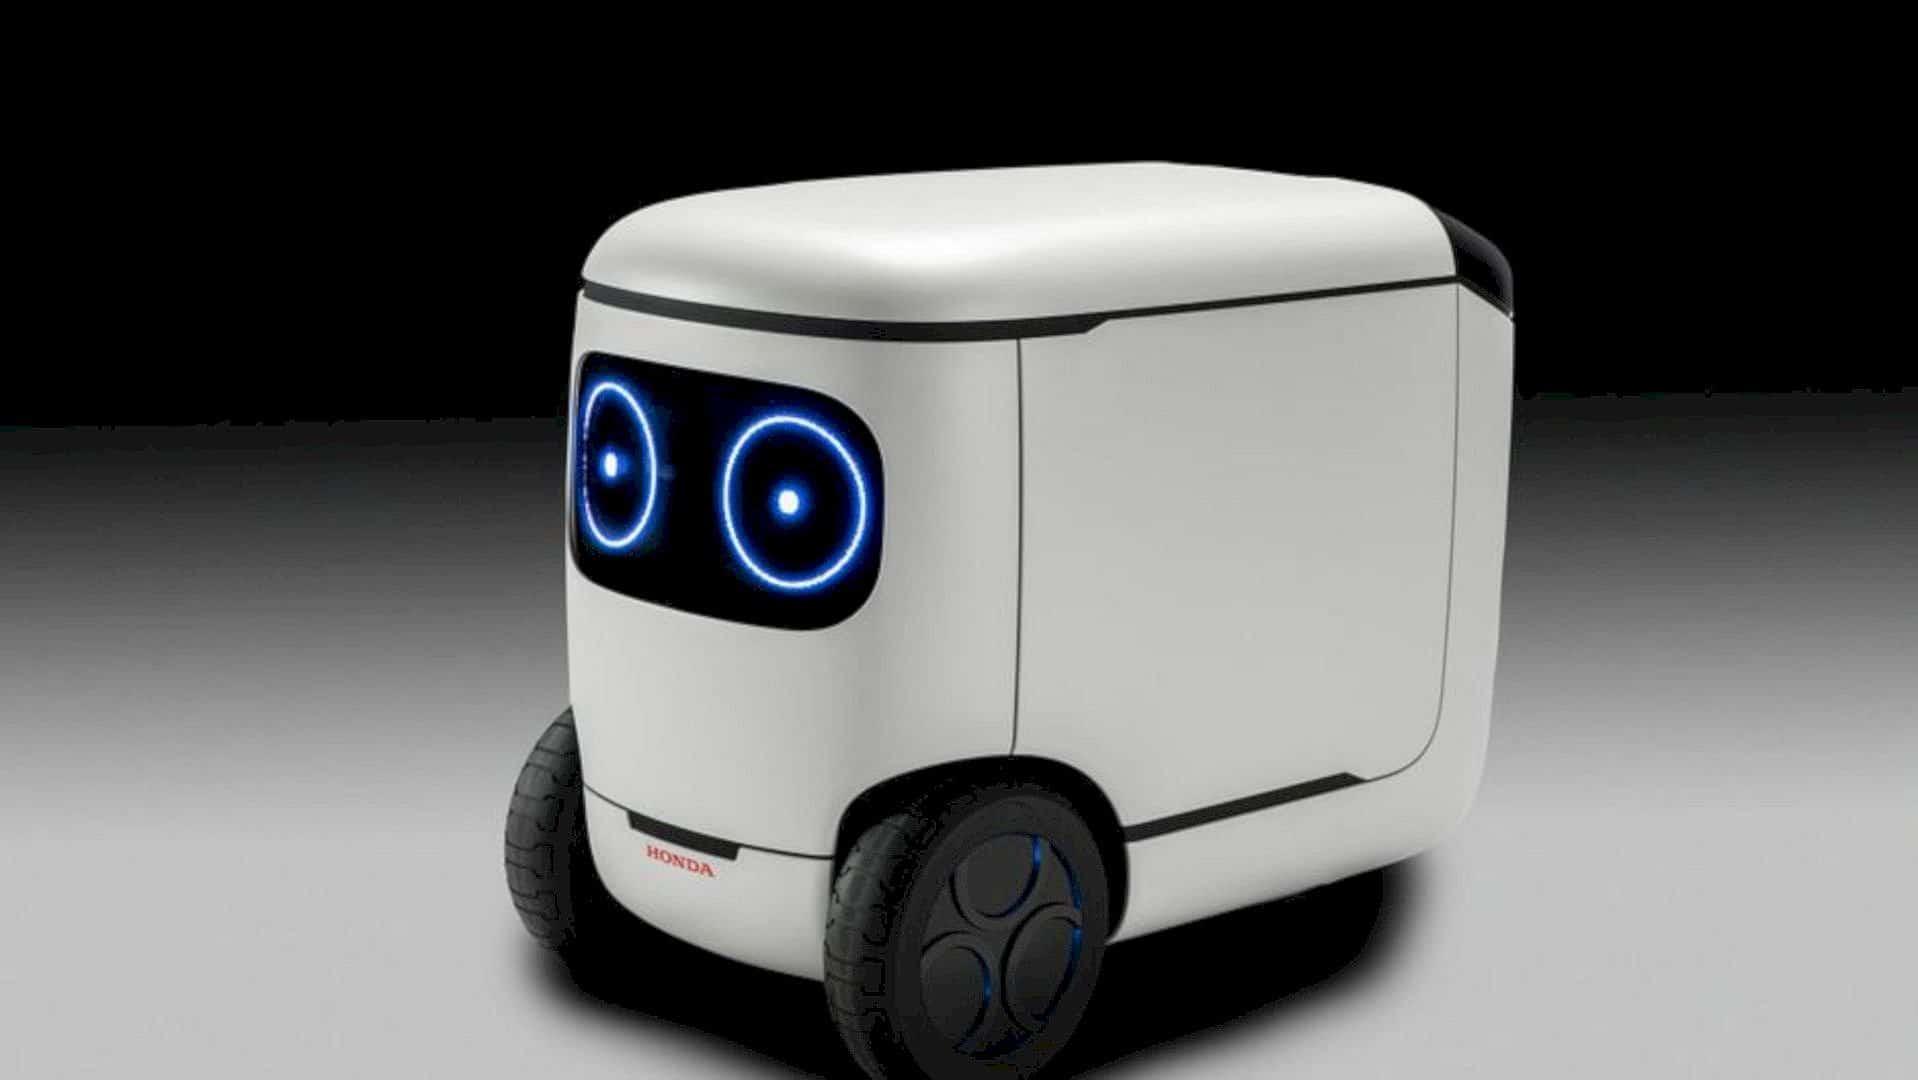 Honda 3e Robotic Concepts 3